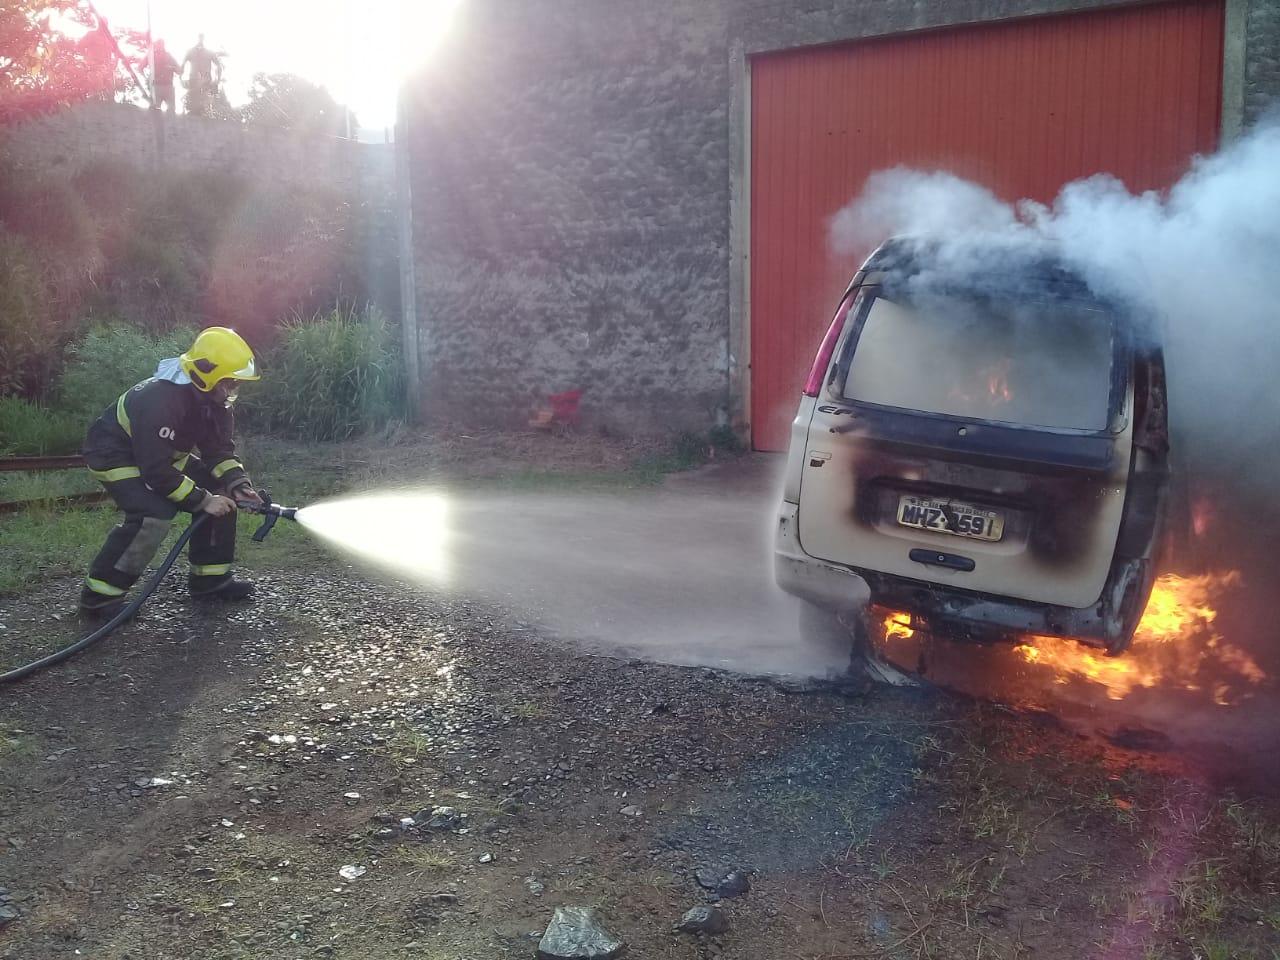 VÍDEO: Incêndio em veículo mobiliza bombeiros no início dessa manhã